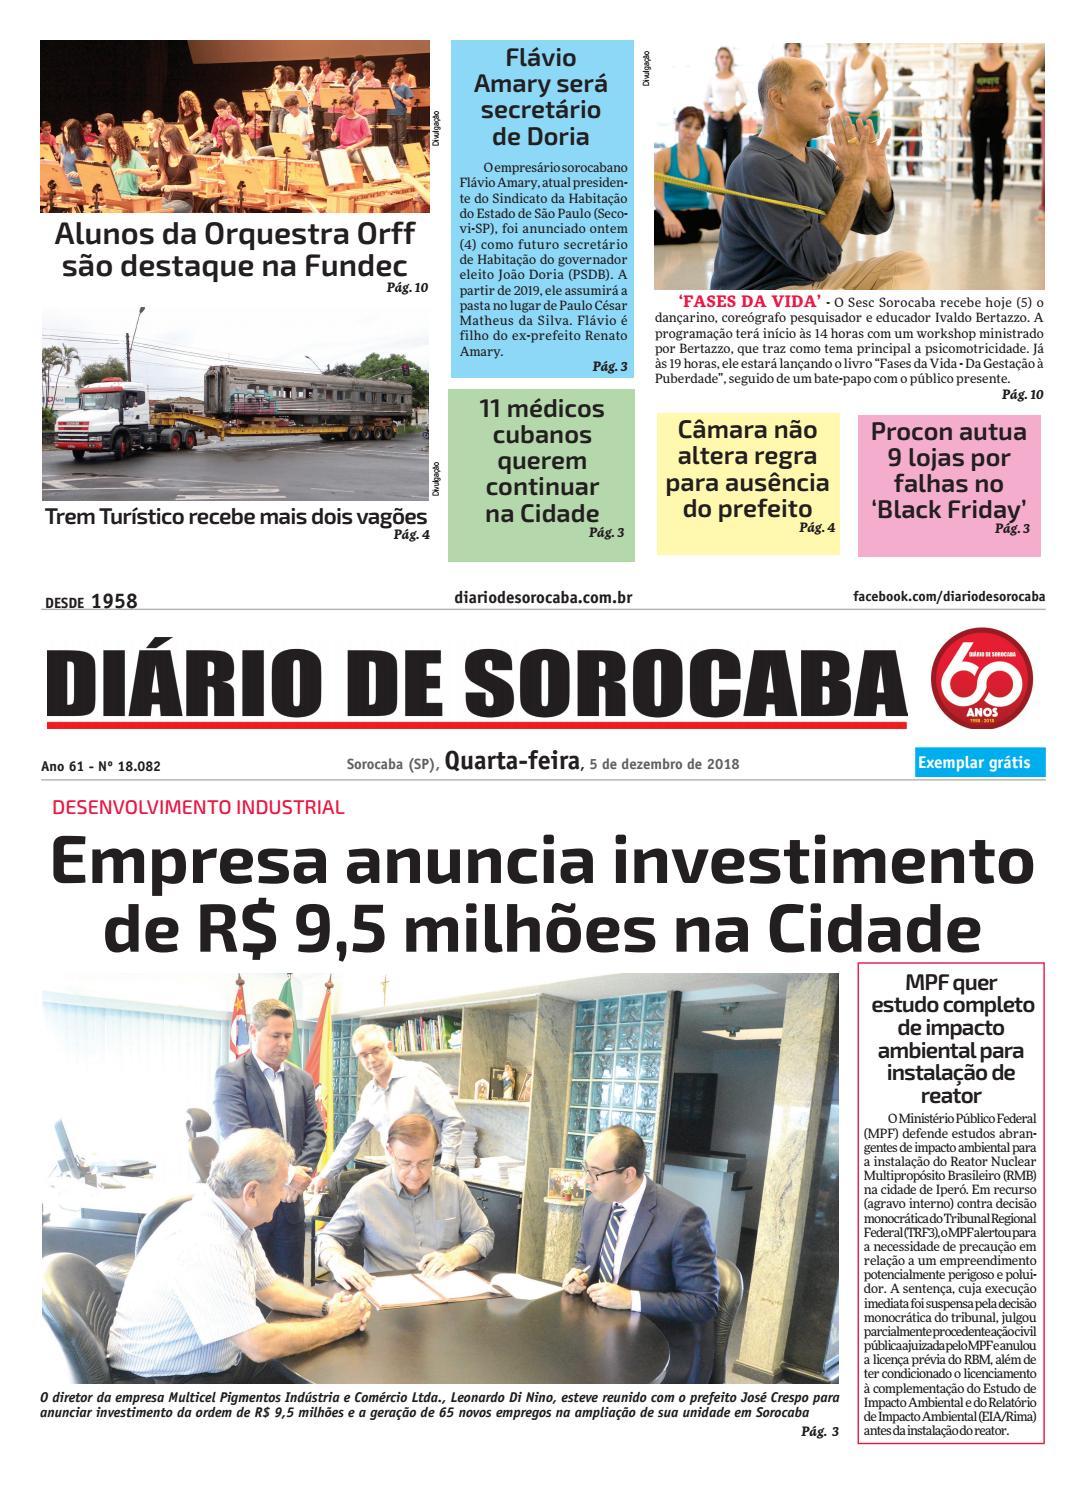 Quarta, 5 de dezembro by DIÁRIO DE SOROCABA - issuu ef0125eb22